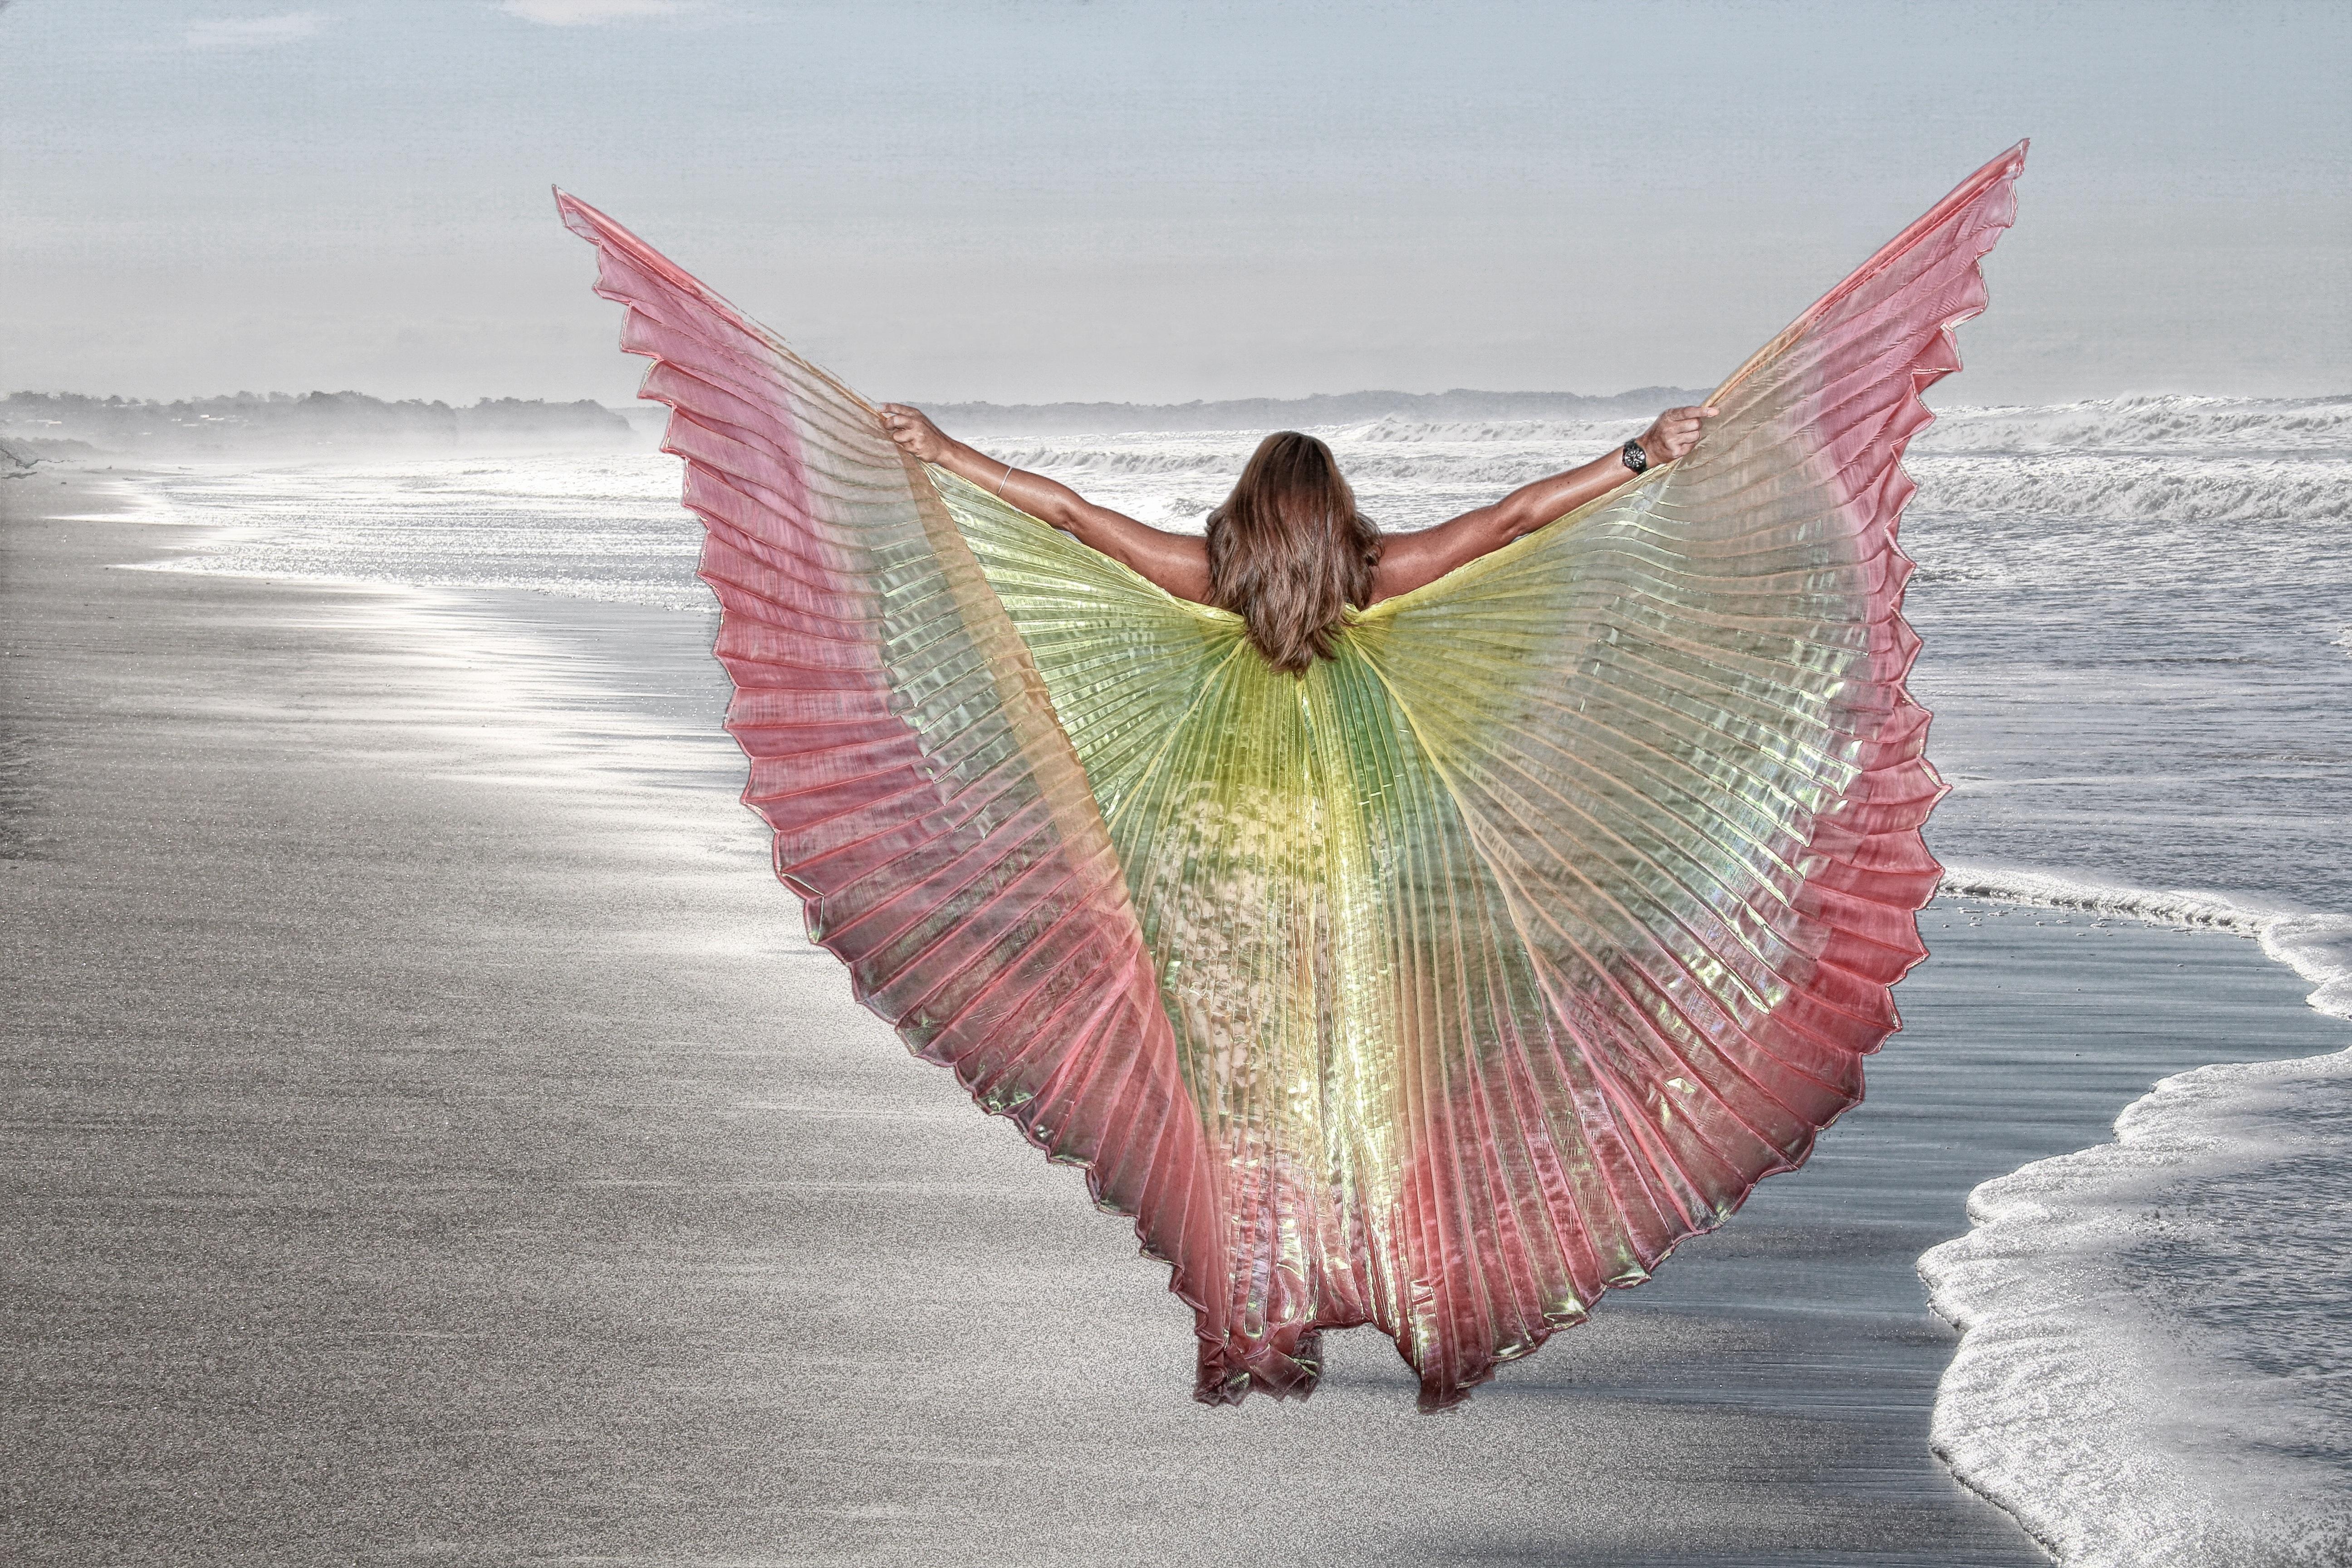 зарядку, картинка крылья успеха солнцезащитных или